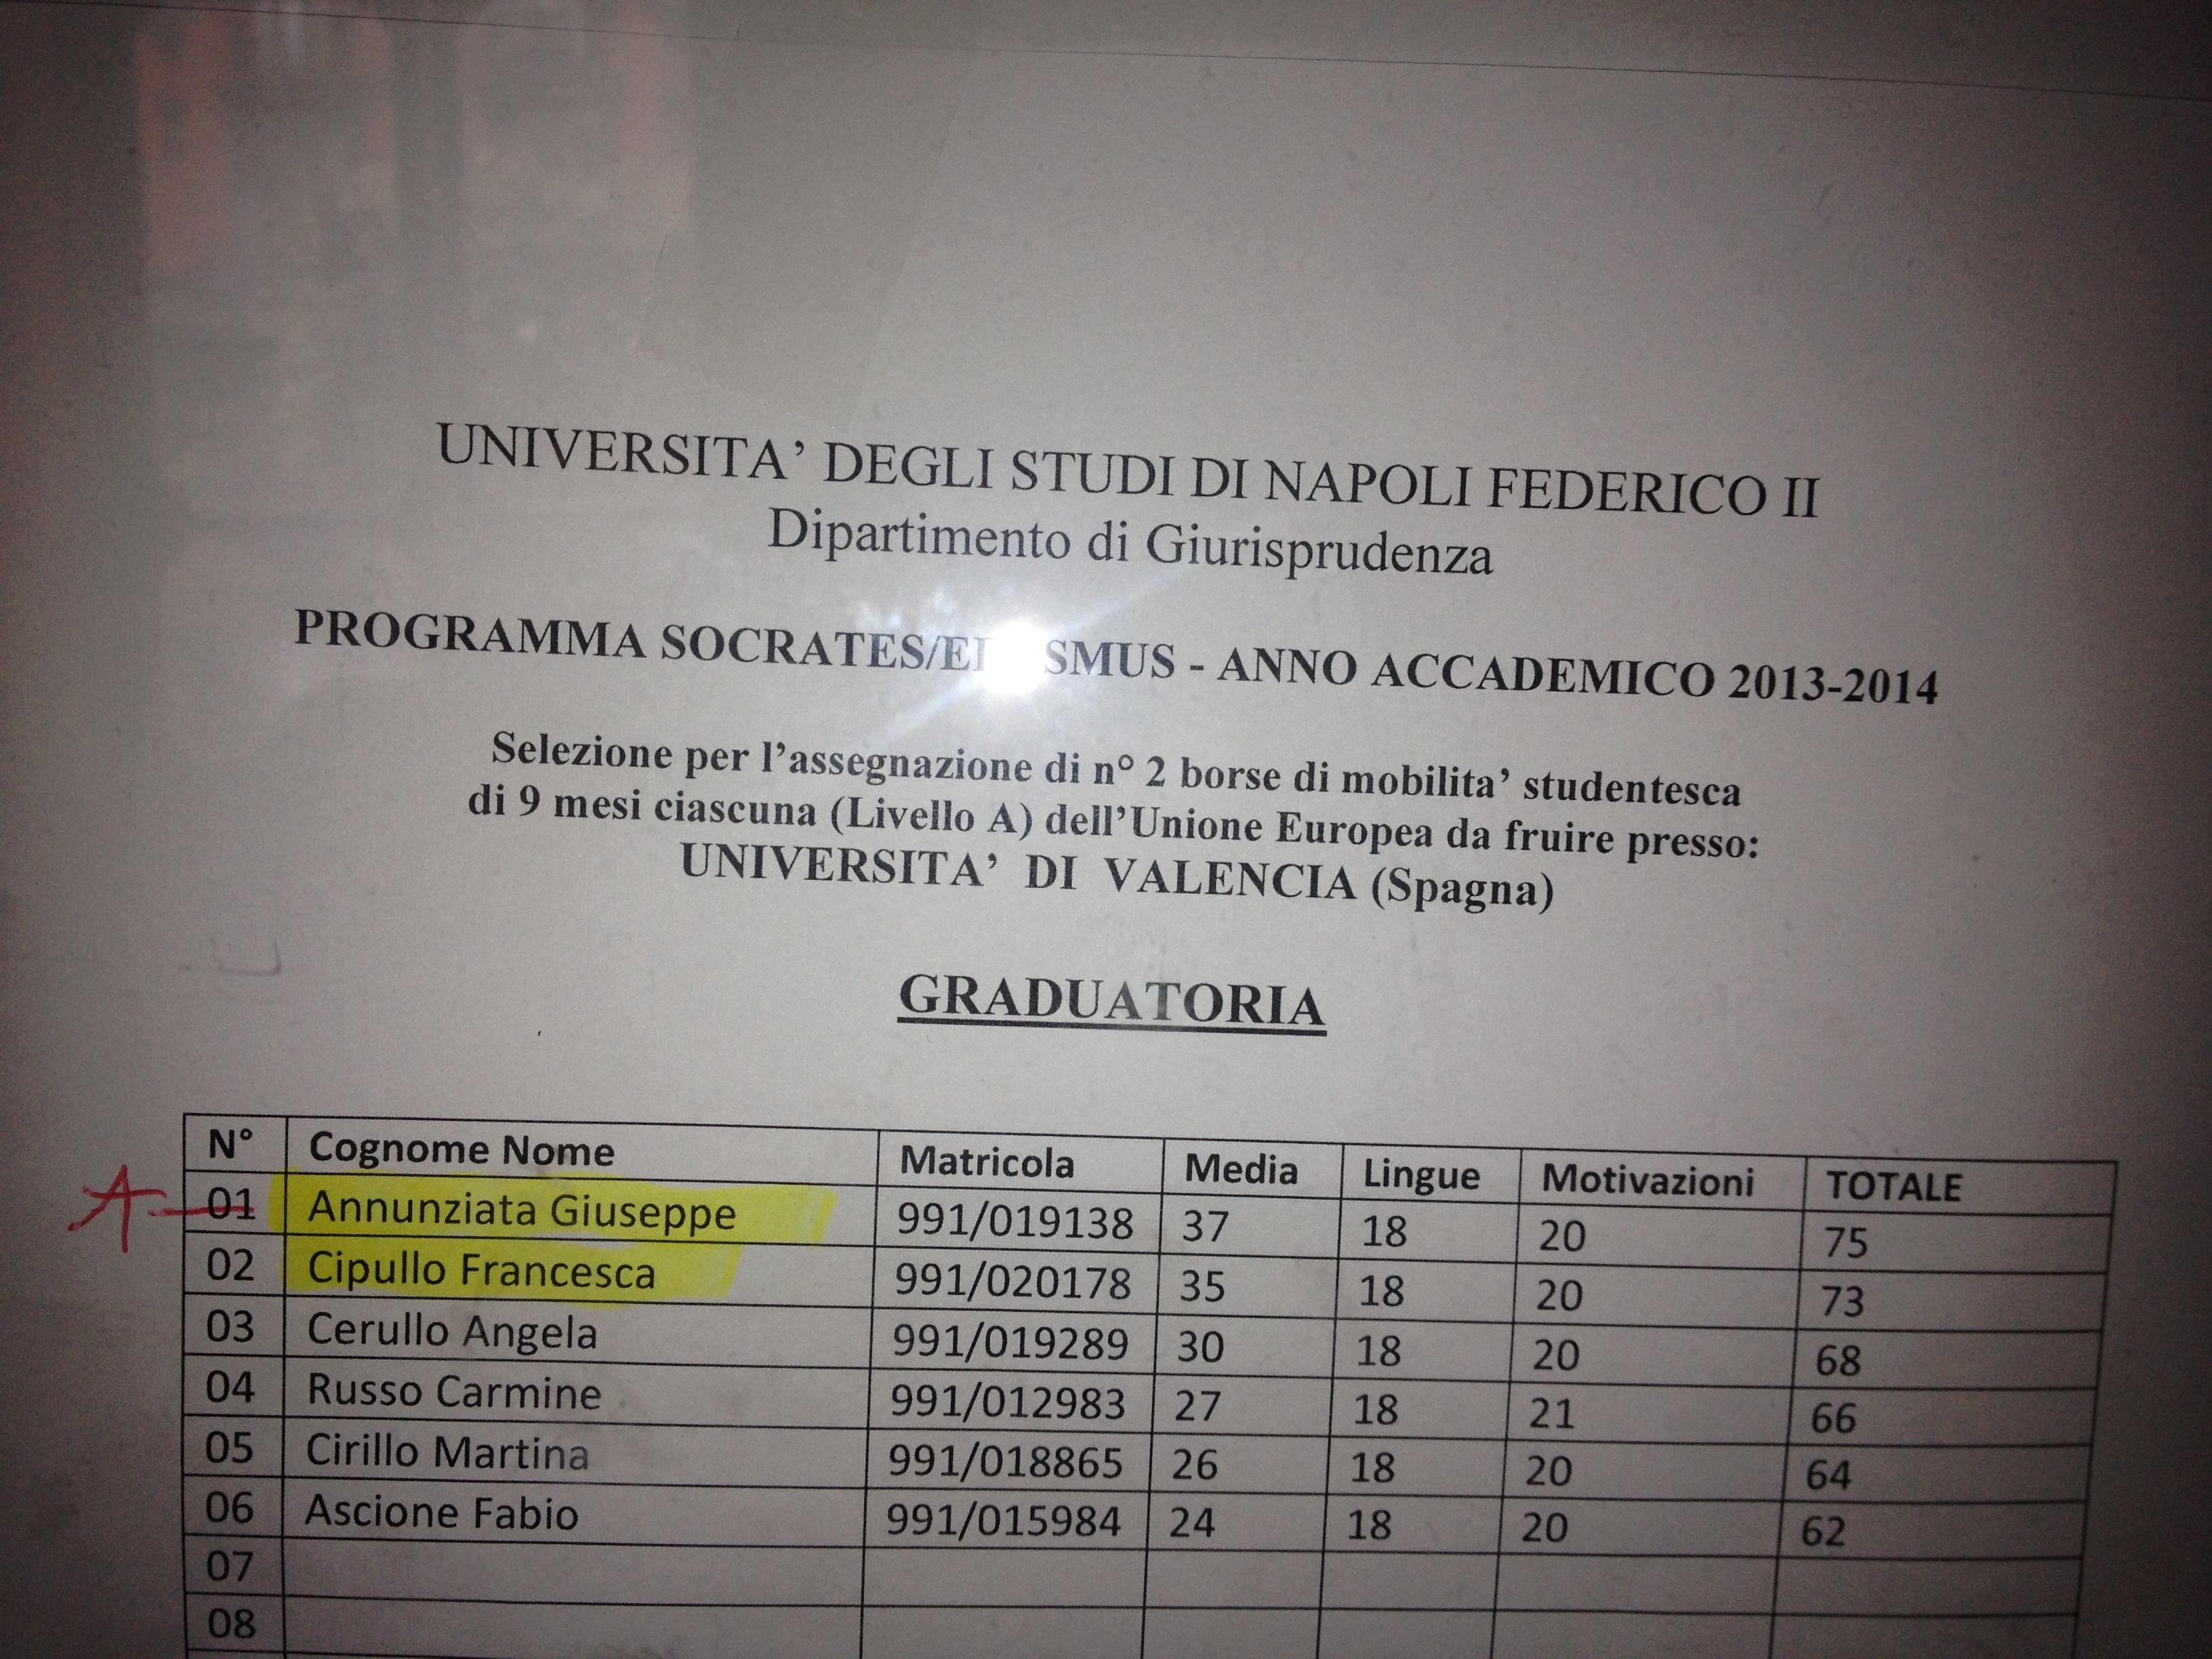 Ufficio Erasmus Architettura Firenze : Erasmus giurisprudenza #3: primo aggiornamento graduatorie e